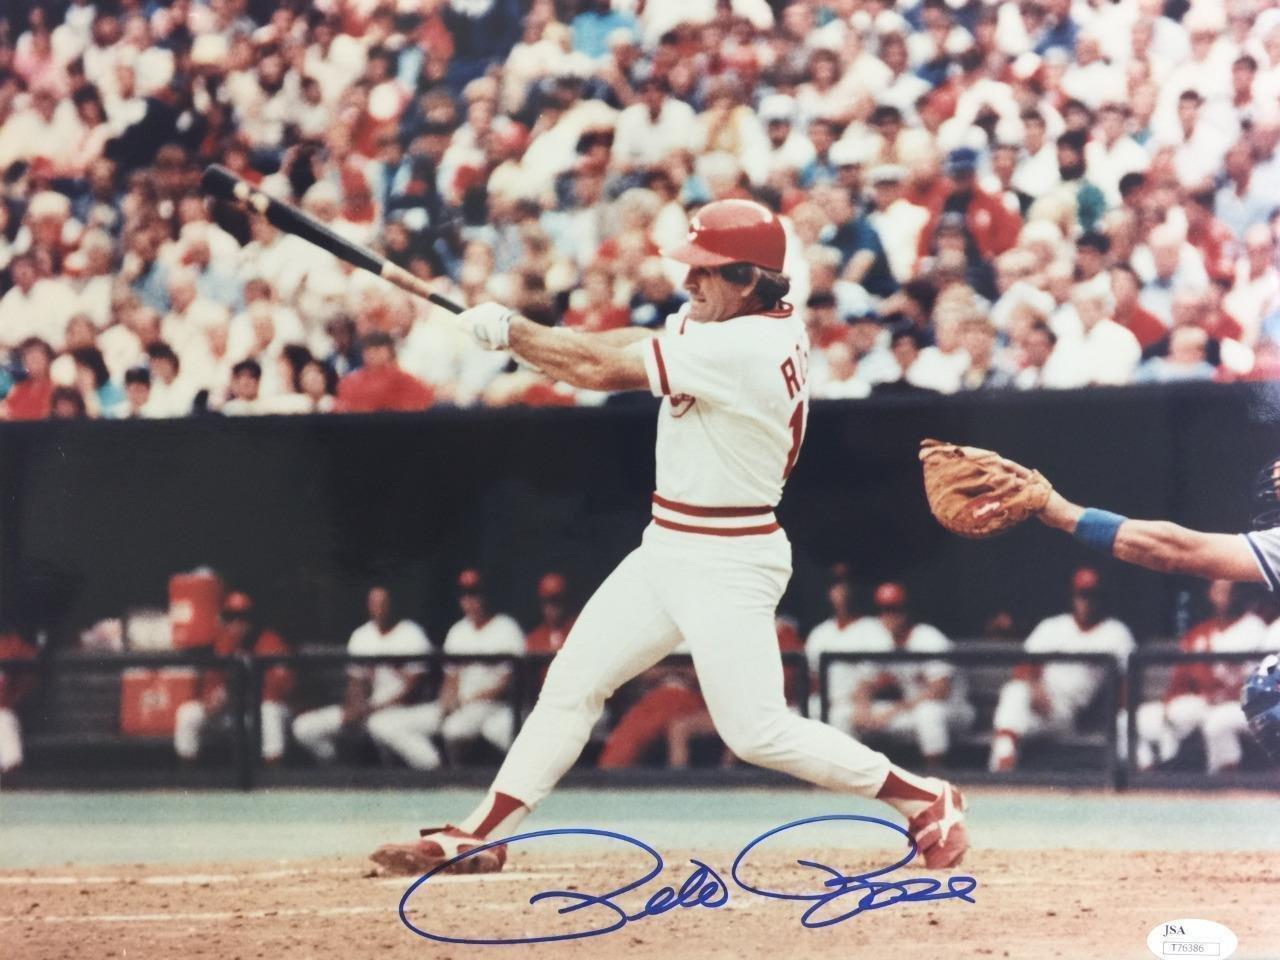 Pete Rose Autographed Photograph - 11X14 coa Cinncinnati - JSA Certified - Autographed MLB Photos Sports Memorabilia